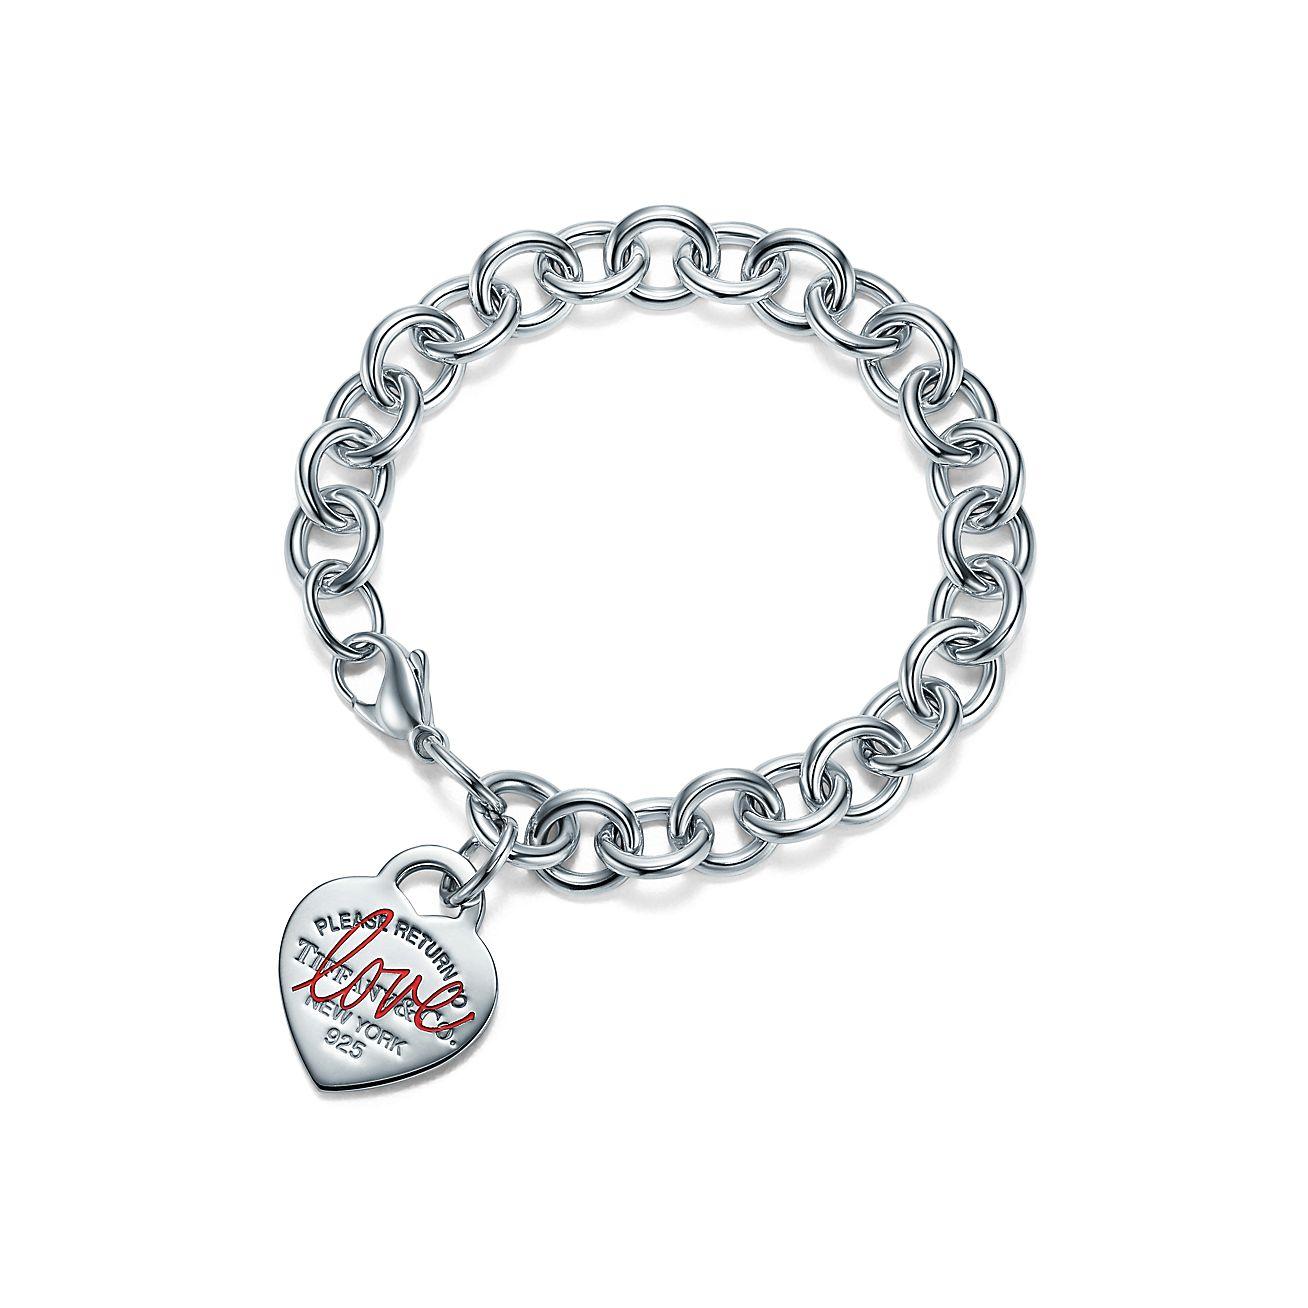 Love bracelet jewelry Metal Works